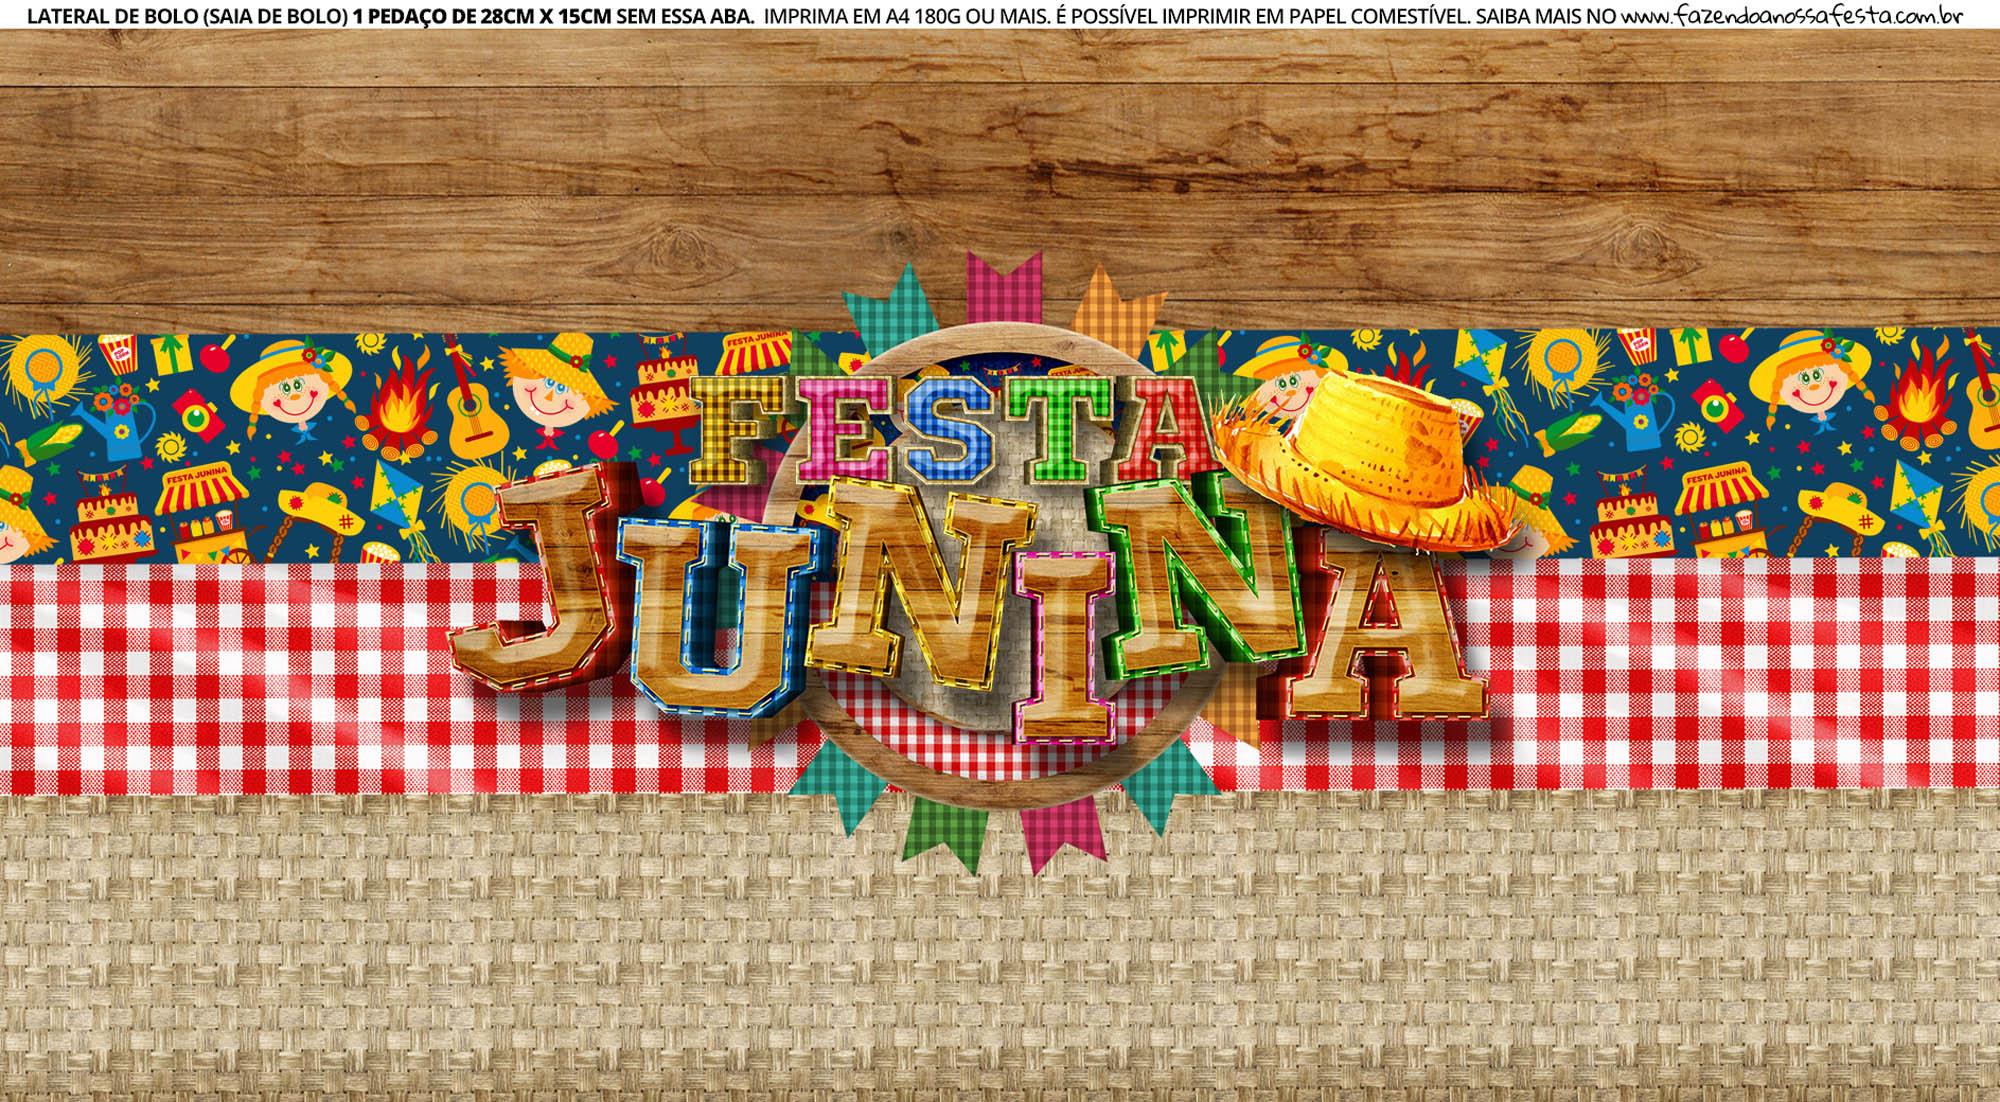 Faixa Lateral de Bolo Festa Junina 4 03